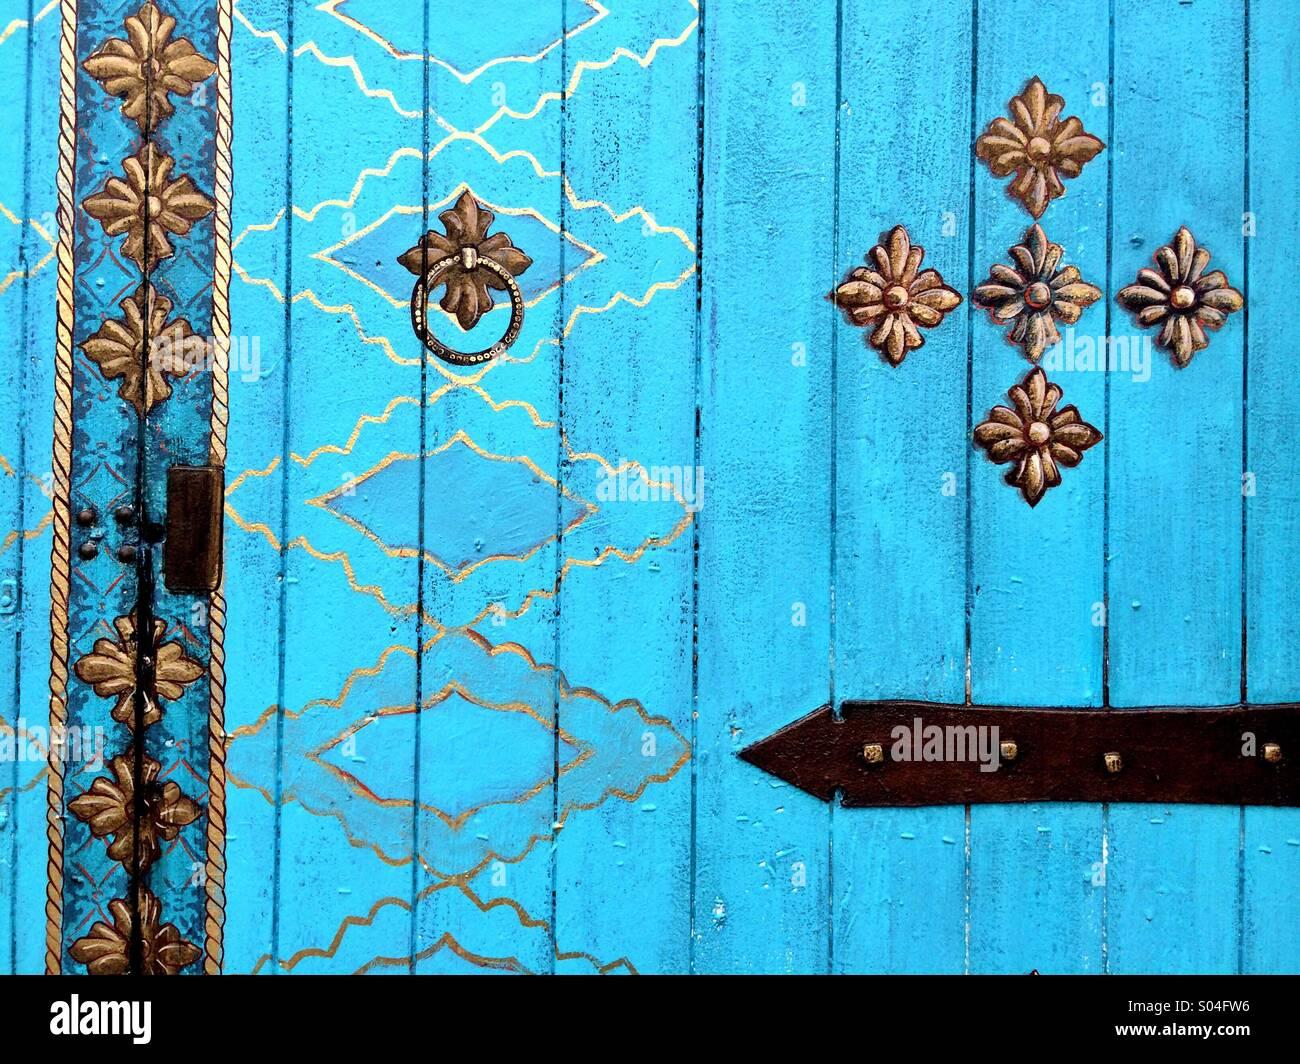 Puerta pintada de azul en la zona de Funk Arts District de Santa Bárbara, California Imagen De Stock